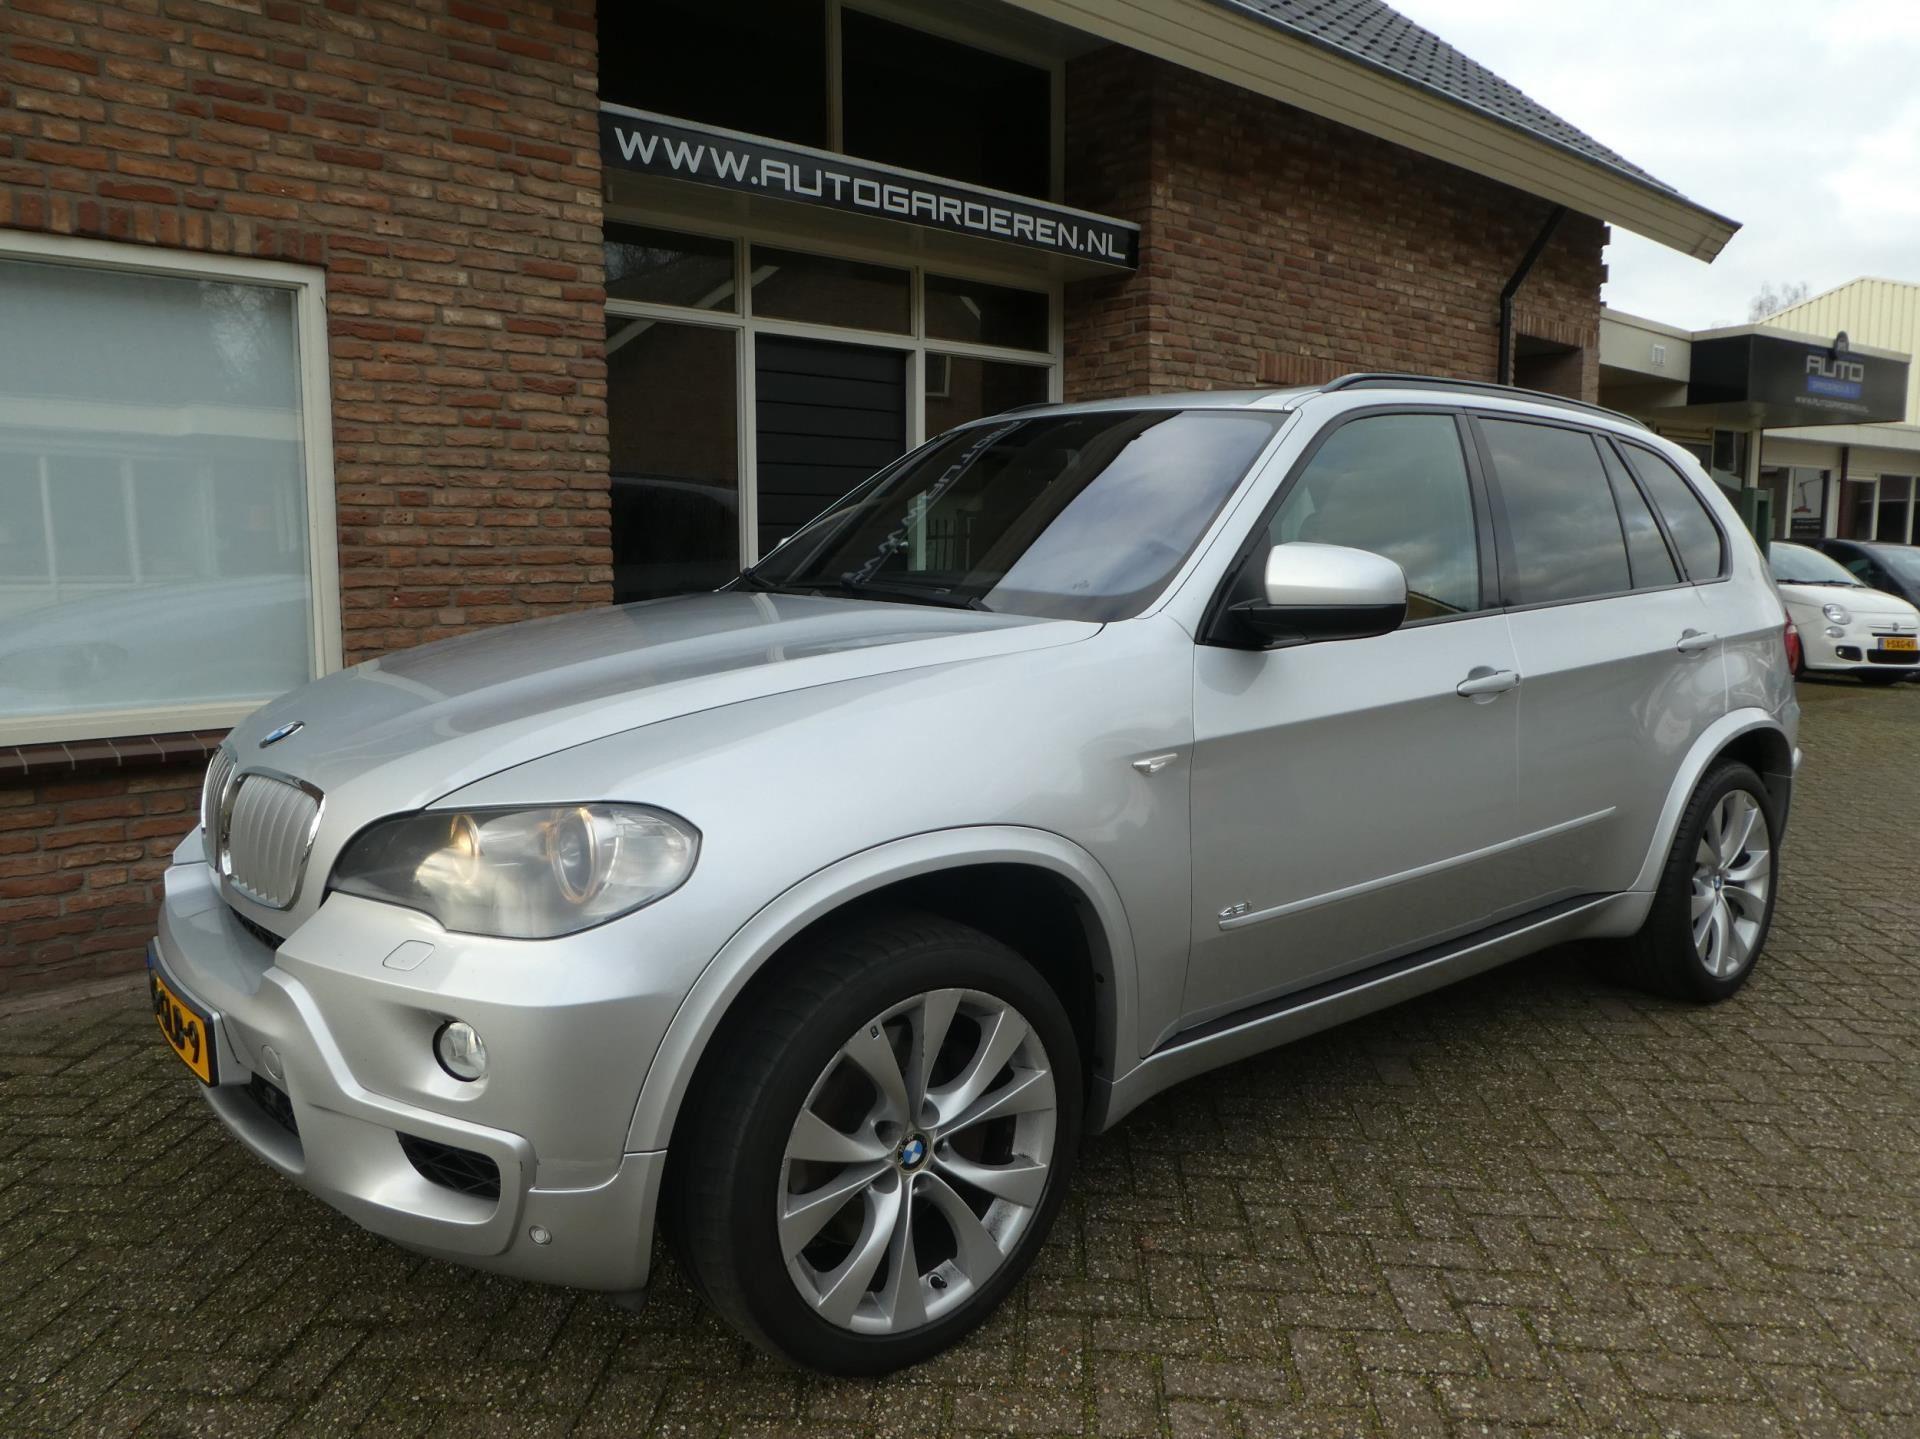 BMW X5 occasion - Auto Garderen